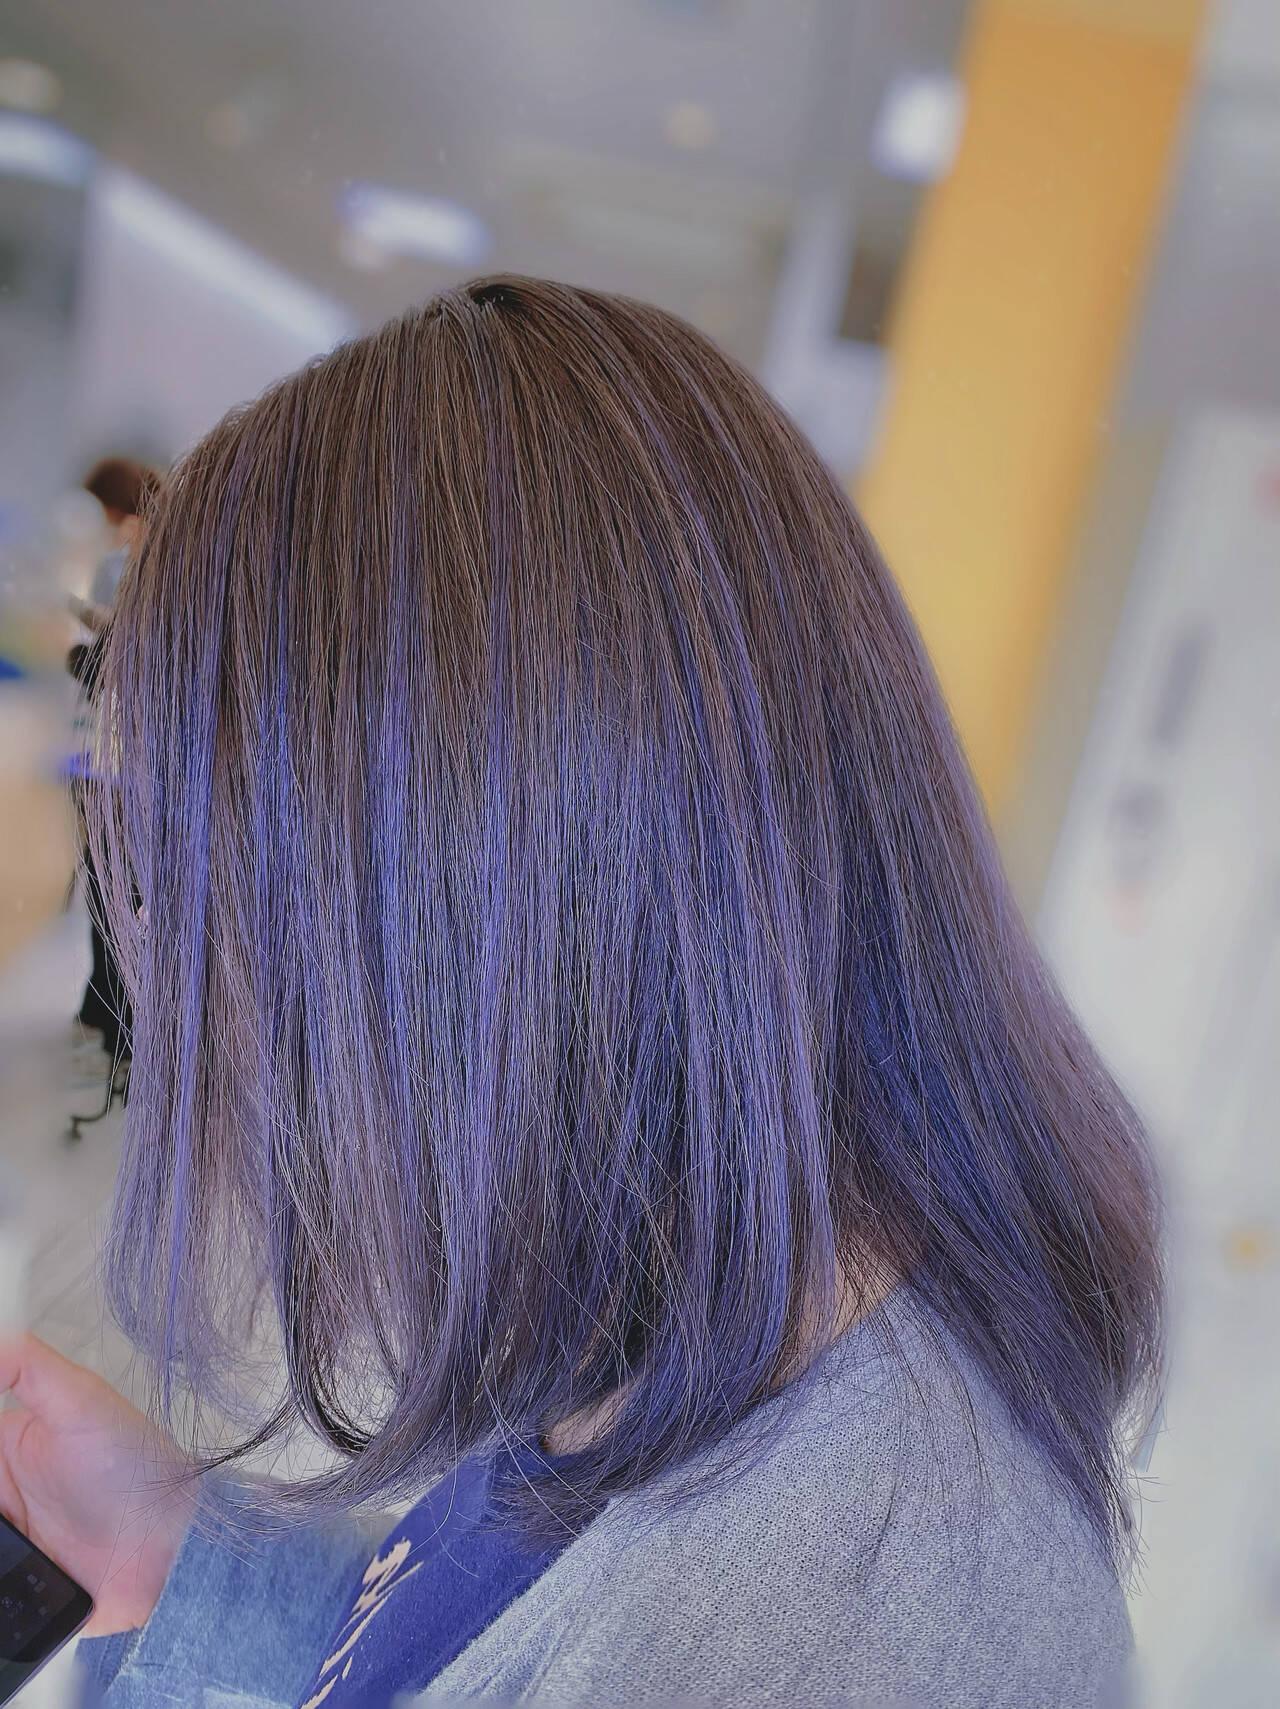 ミディアム ラベンダーアッシュ ストリート インナーカラーヘアスタイルや髪型の写真・画像